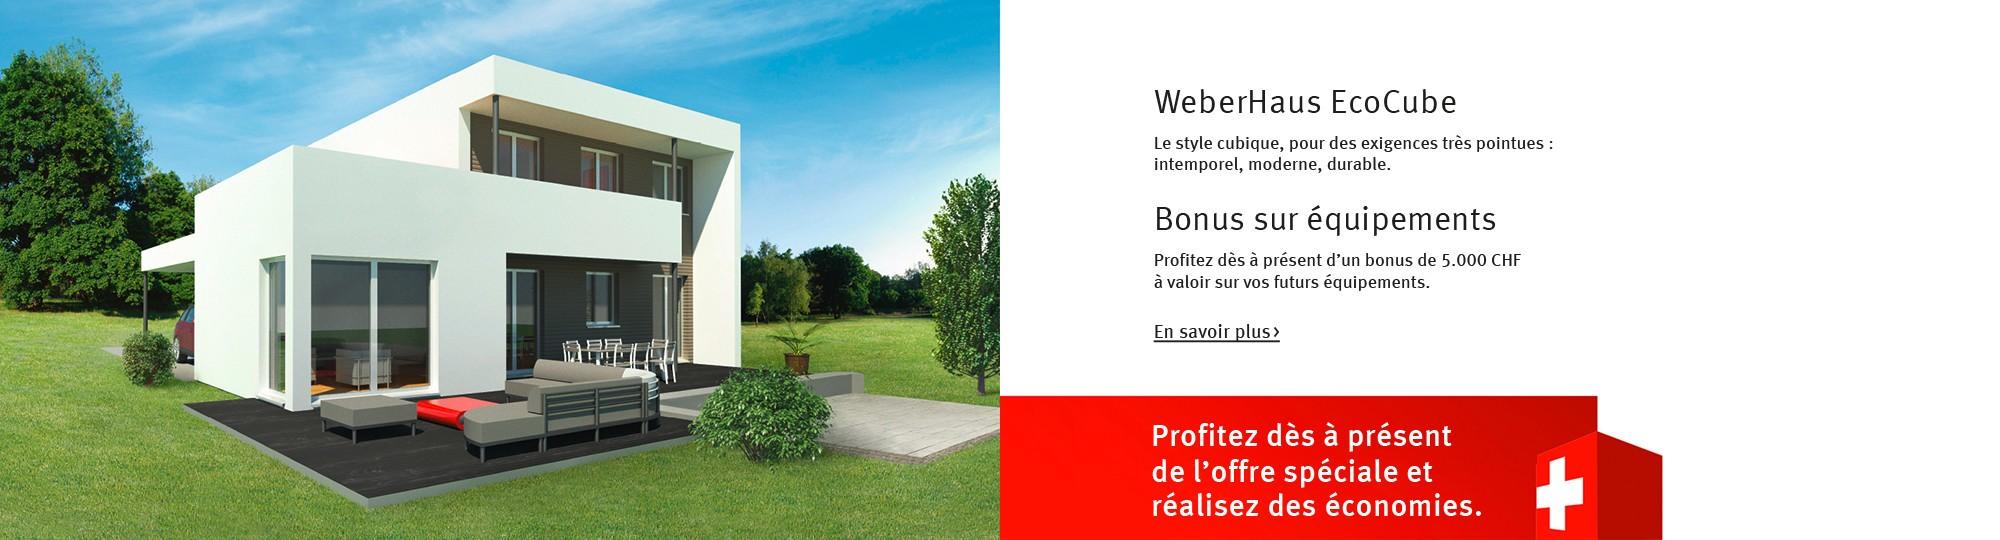 Maison préfabriquée avec WeberHaus - Construisez votre maison de rêve